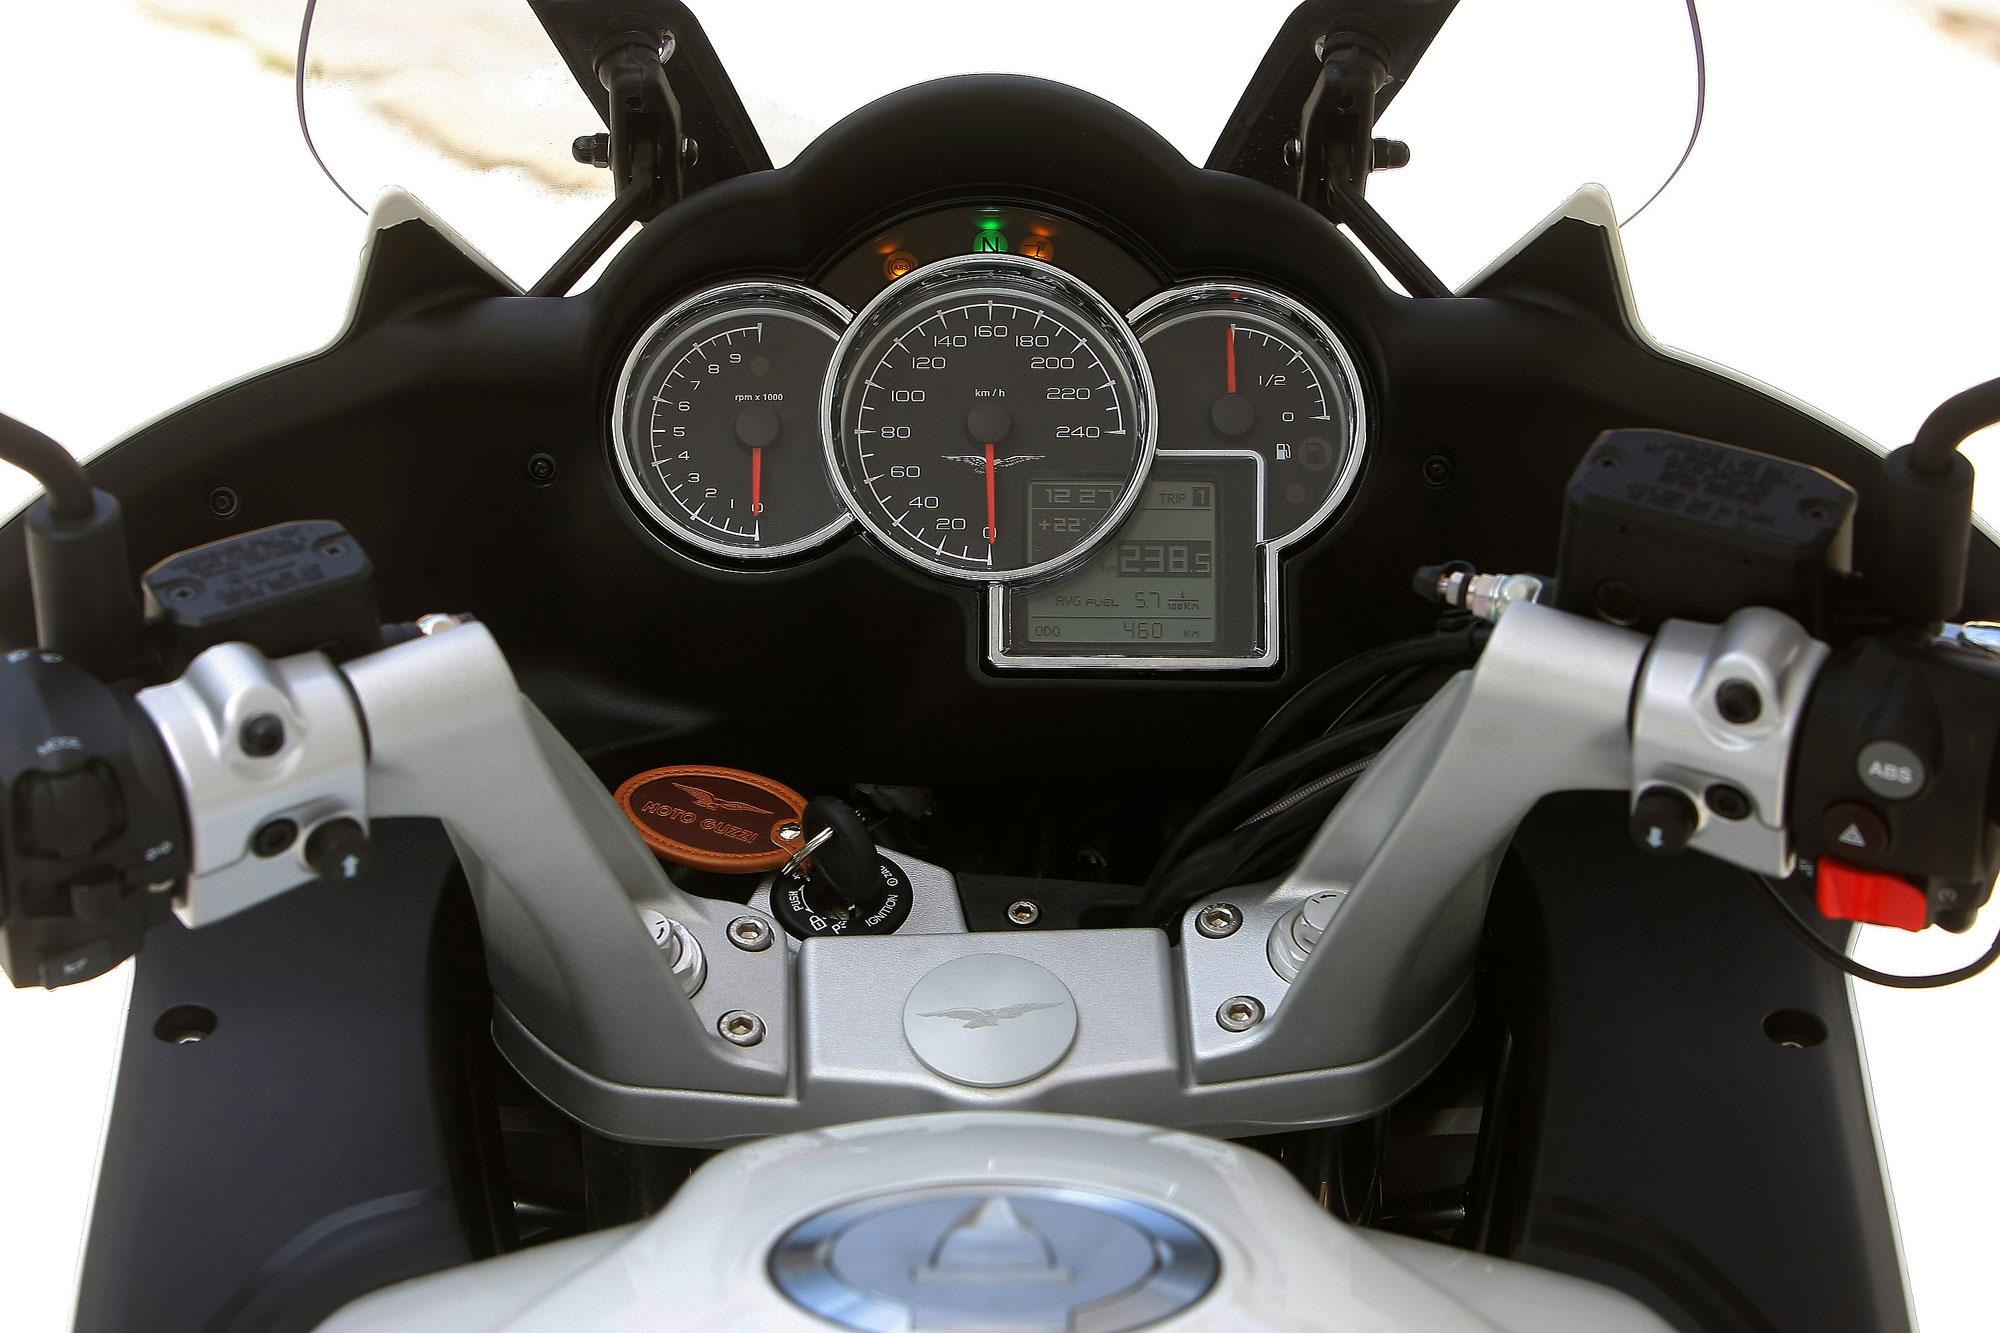 moto guzzi norge 1200 gt 8v specs - 2012, 2013 - autoevolution